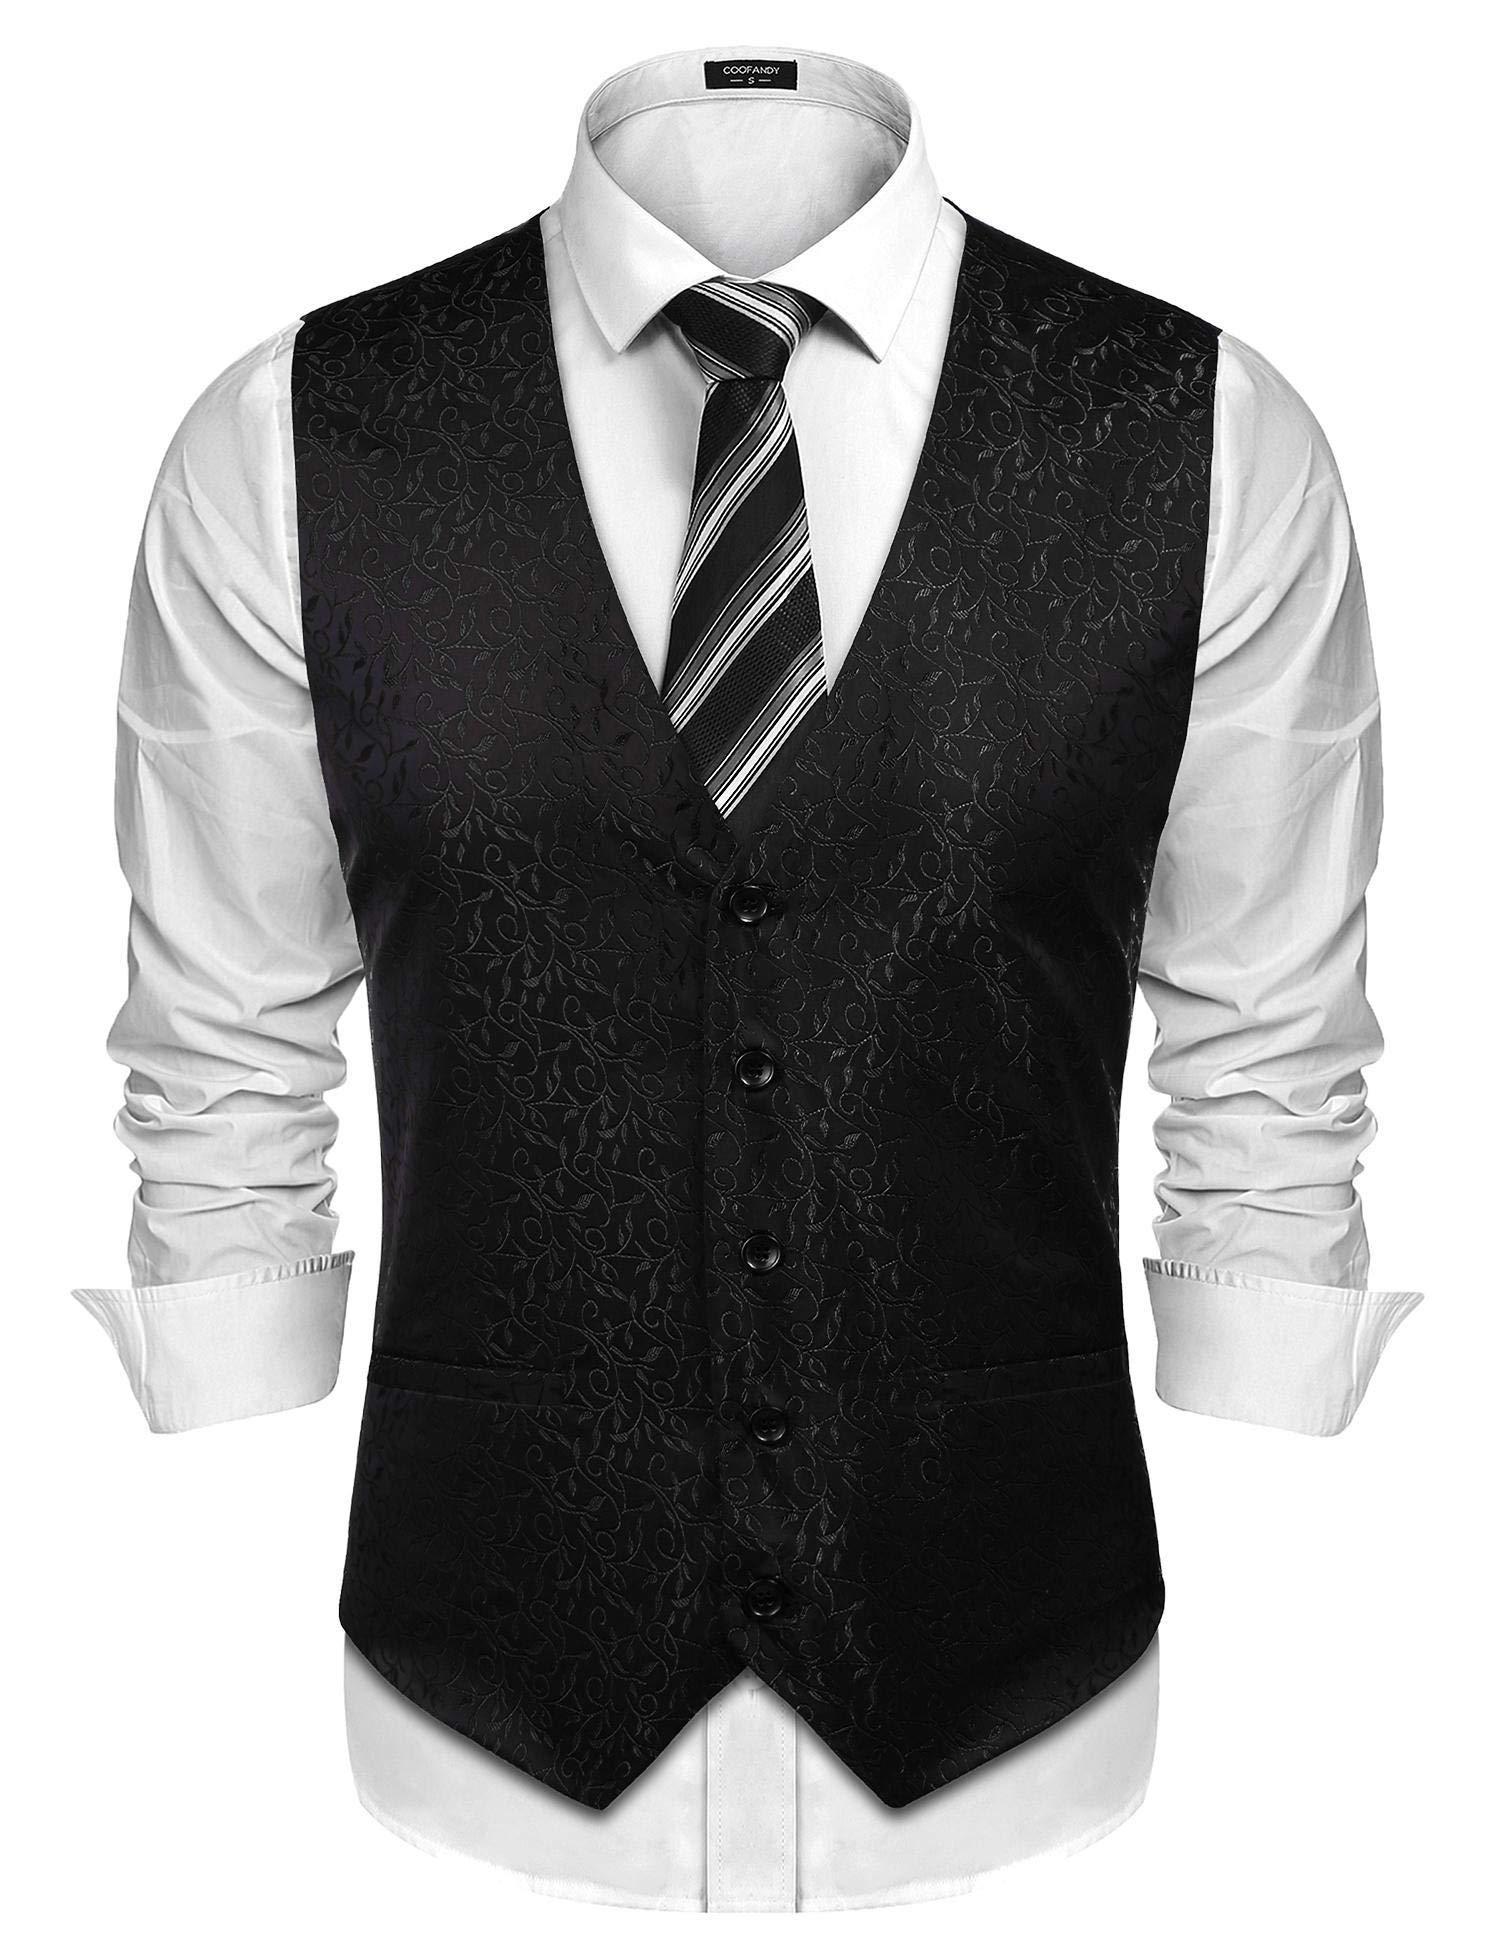 COOFANDY Men's Floral Party Vest Waistcoat V-Neck Dress Wedding Suit Tuxedo Vest